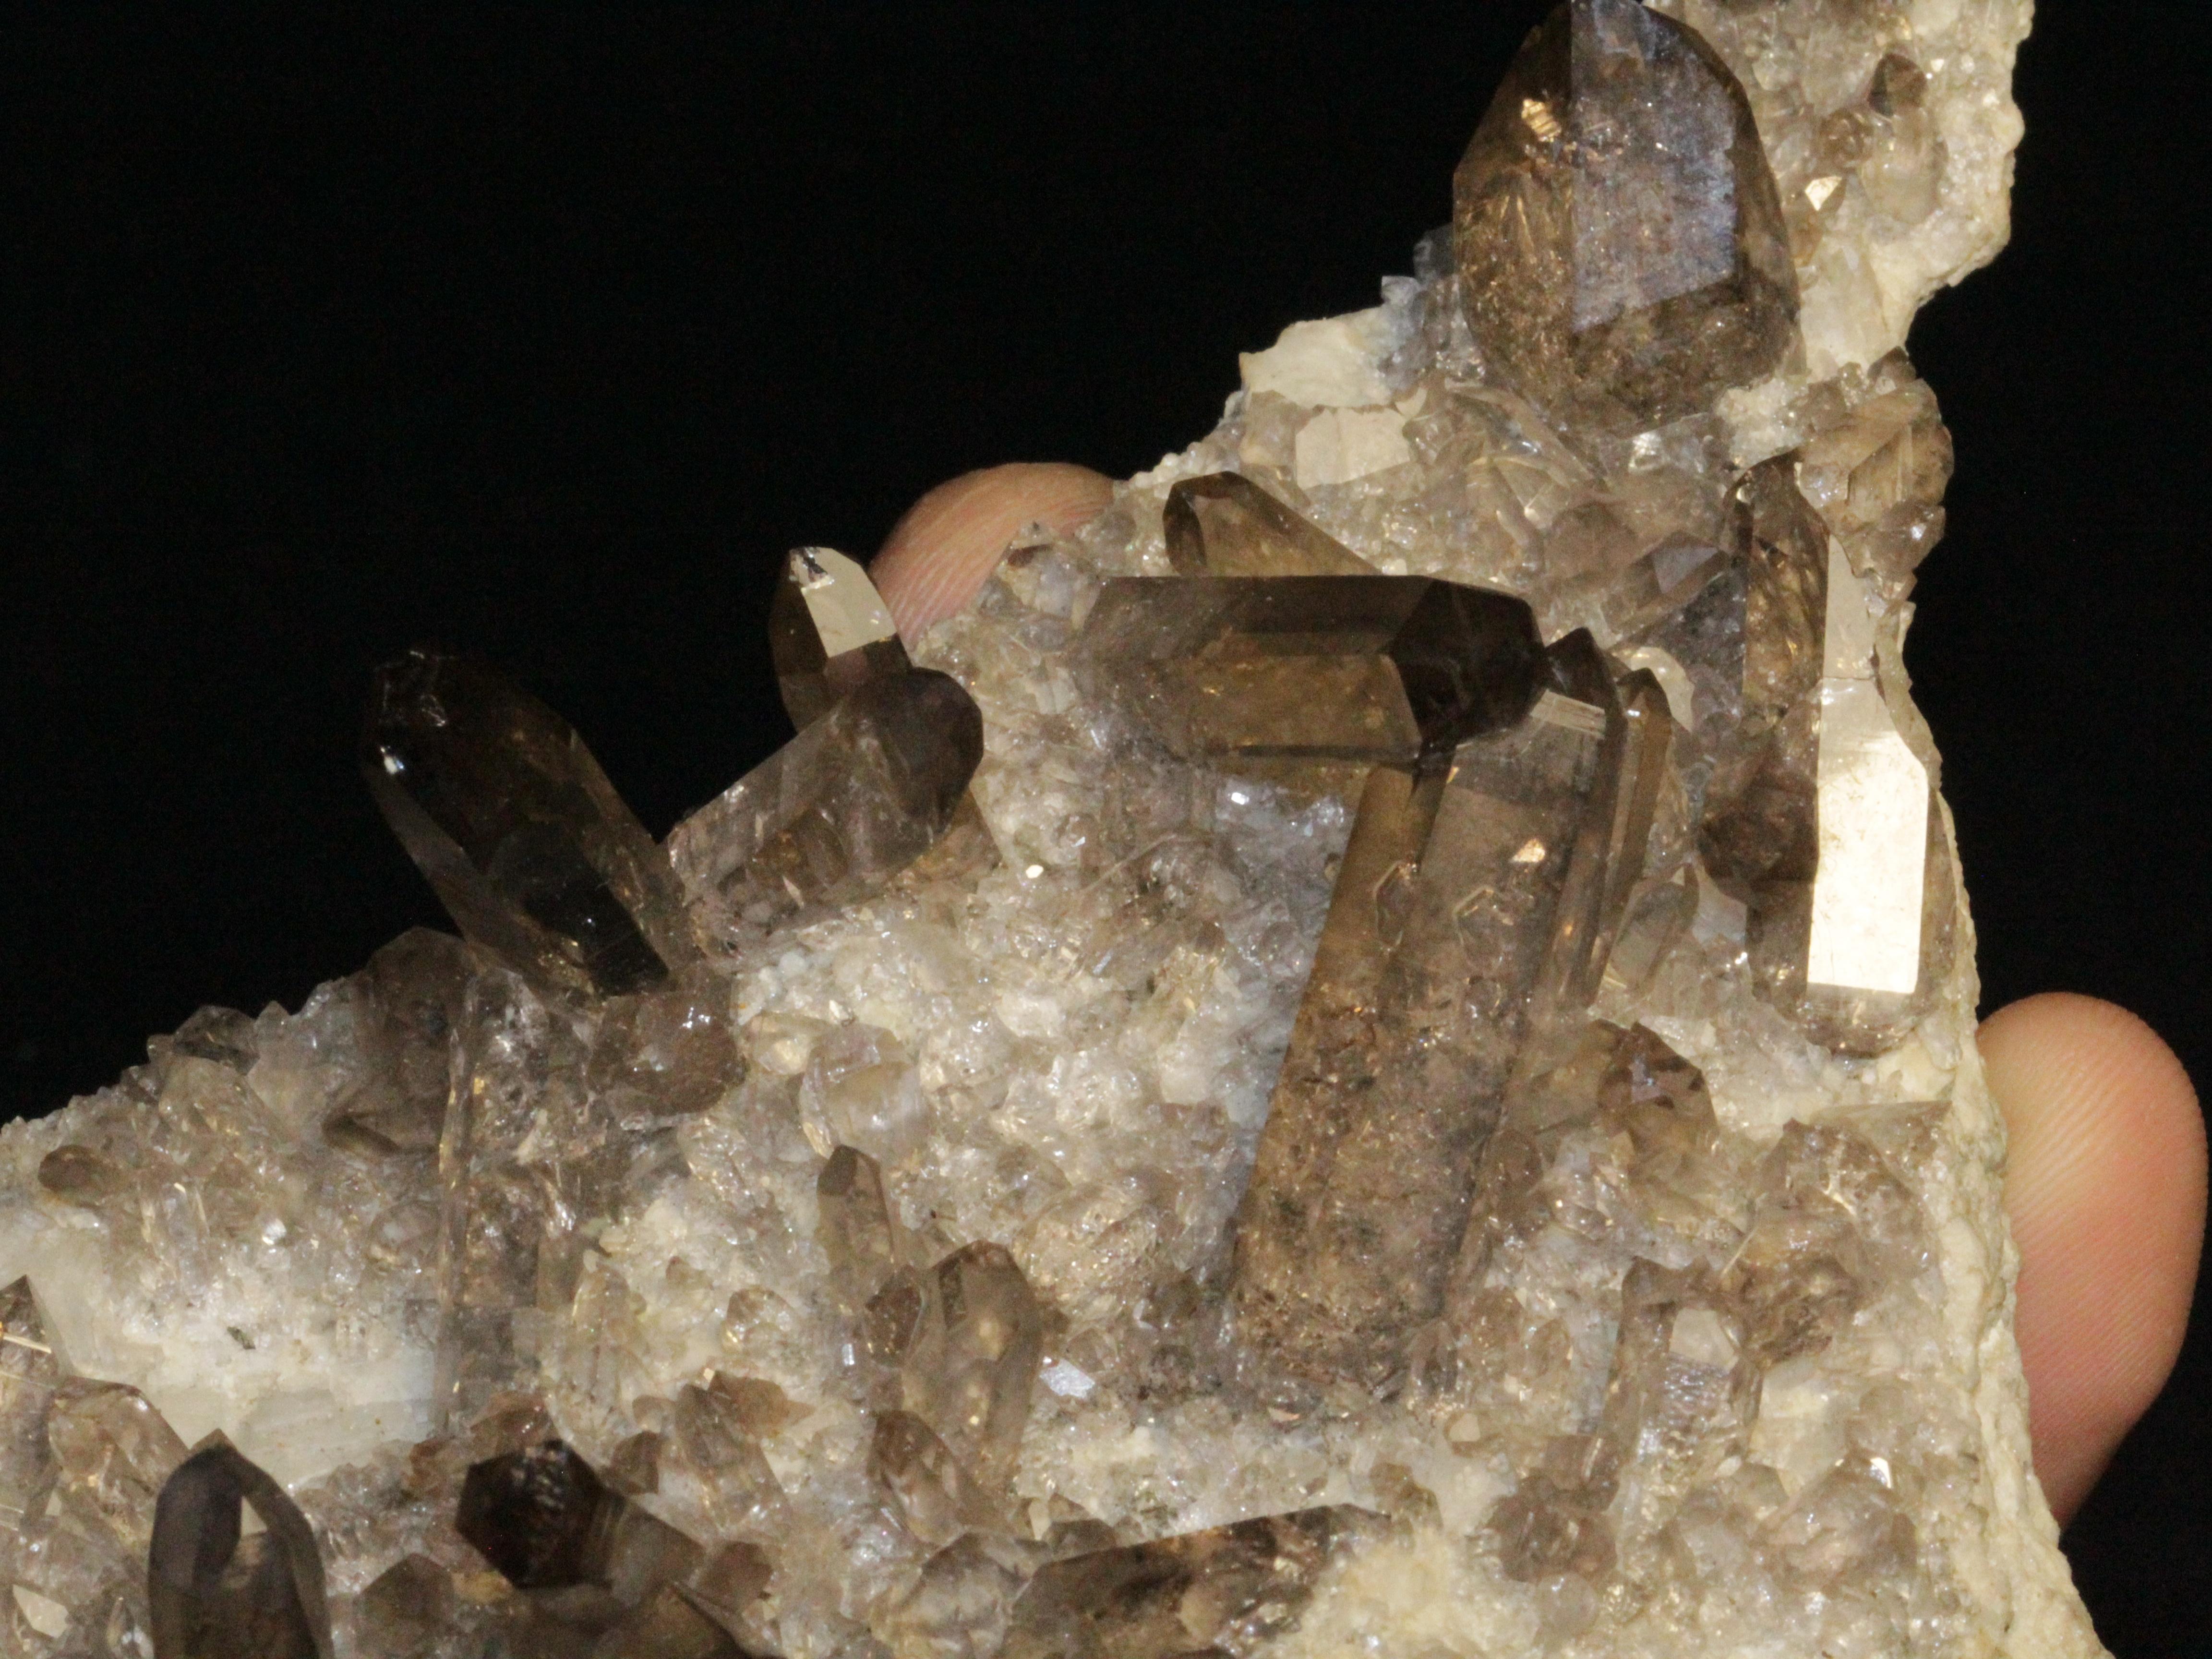 Plaque de quartz fumé, Grimsel, Suisse.